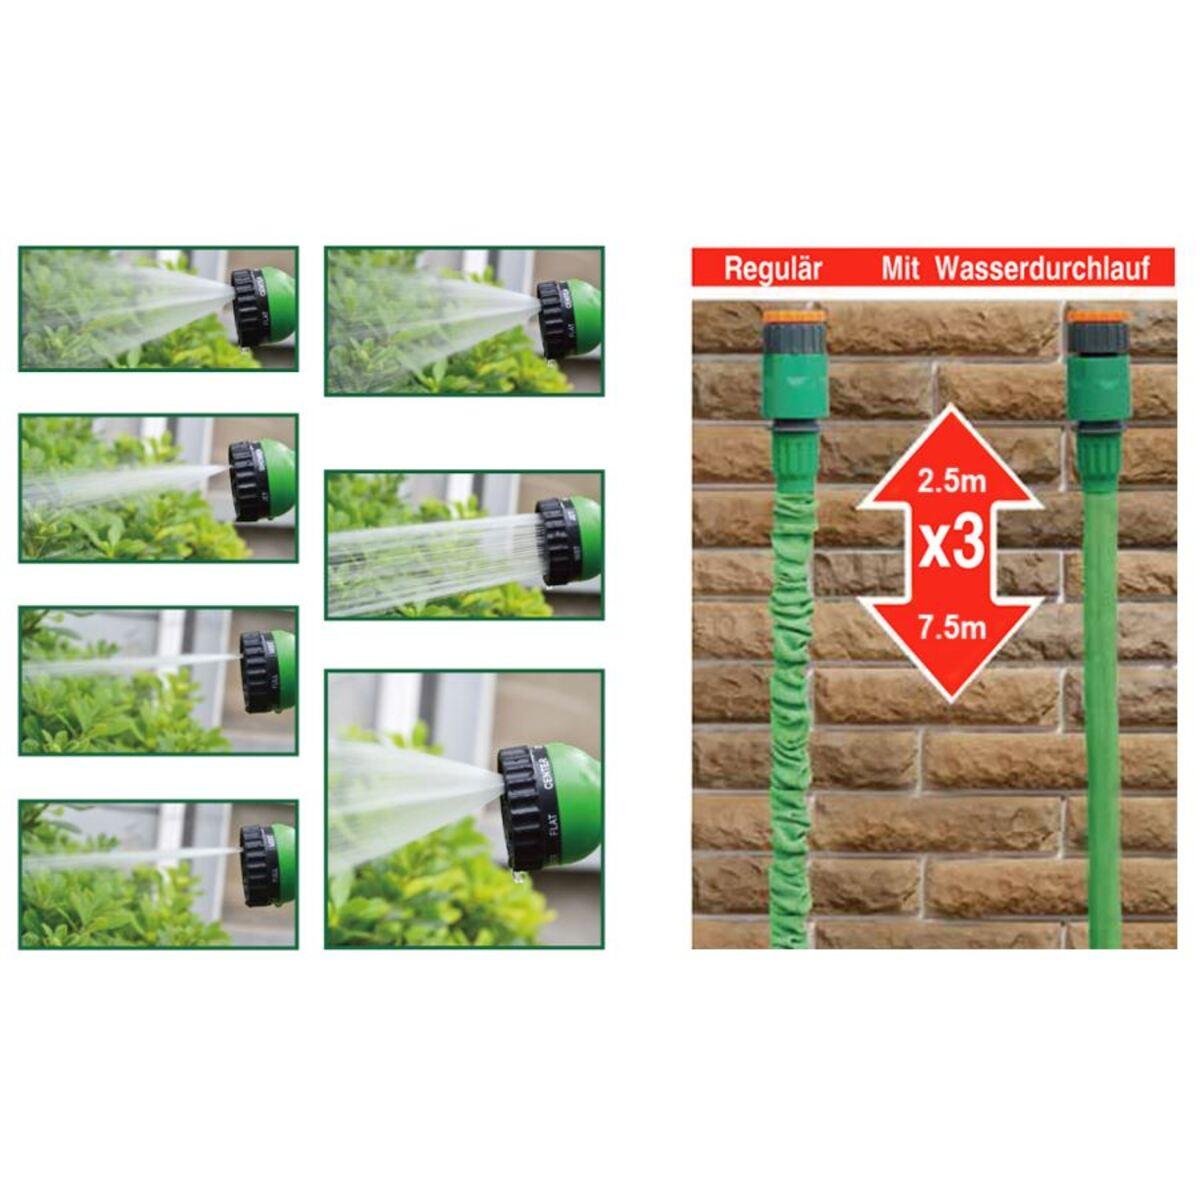 Bild 2 von Flexi Gartenschlauch 2,5-7,5m